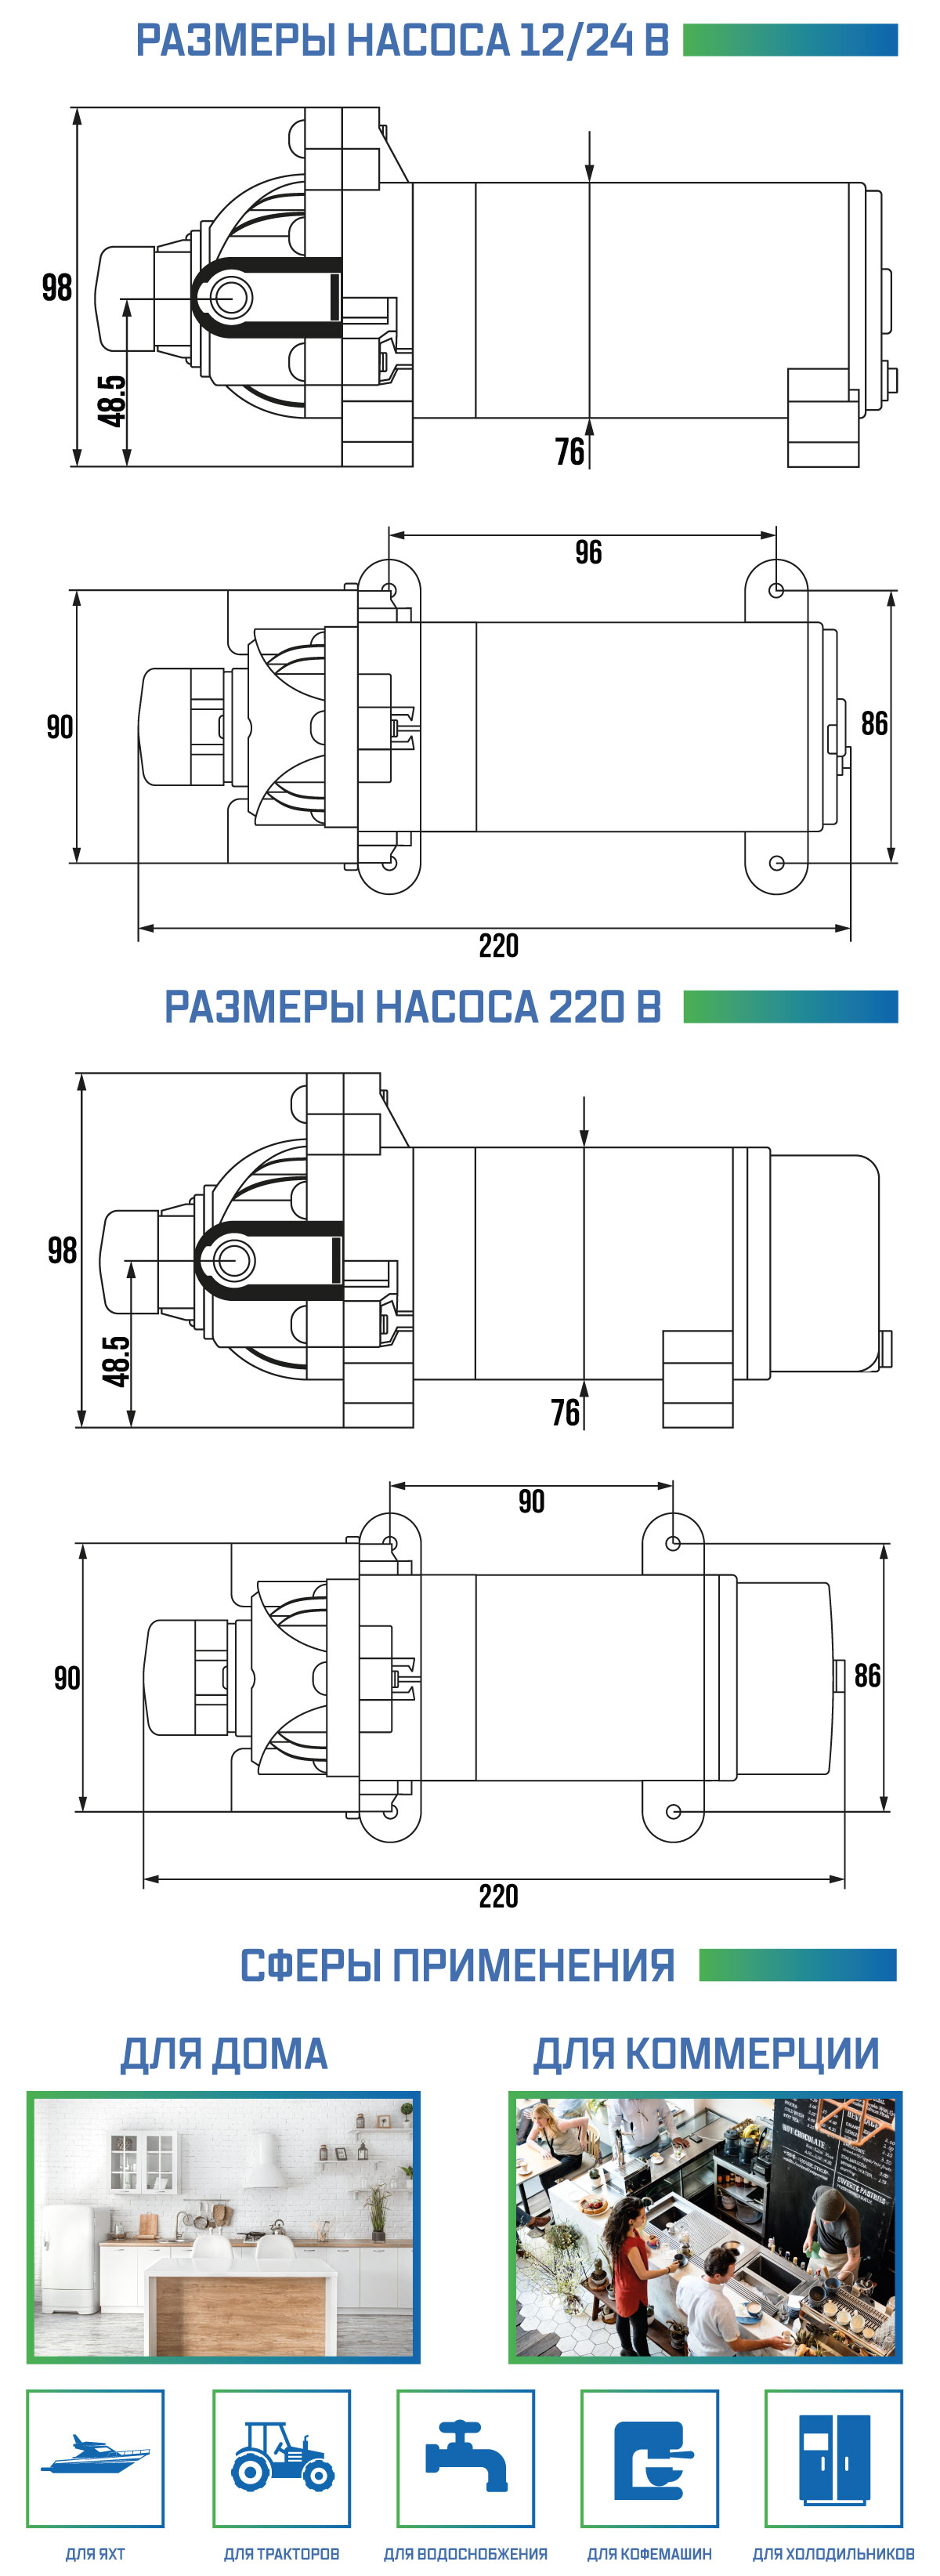 насос aq-dp-120 описание